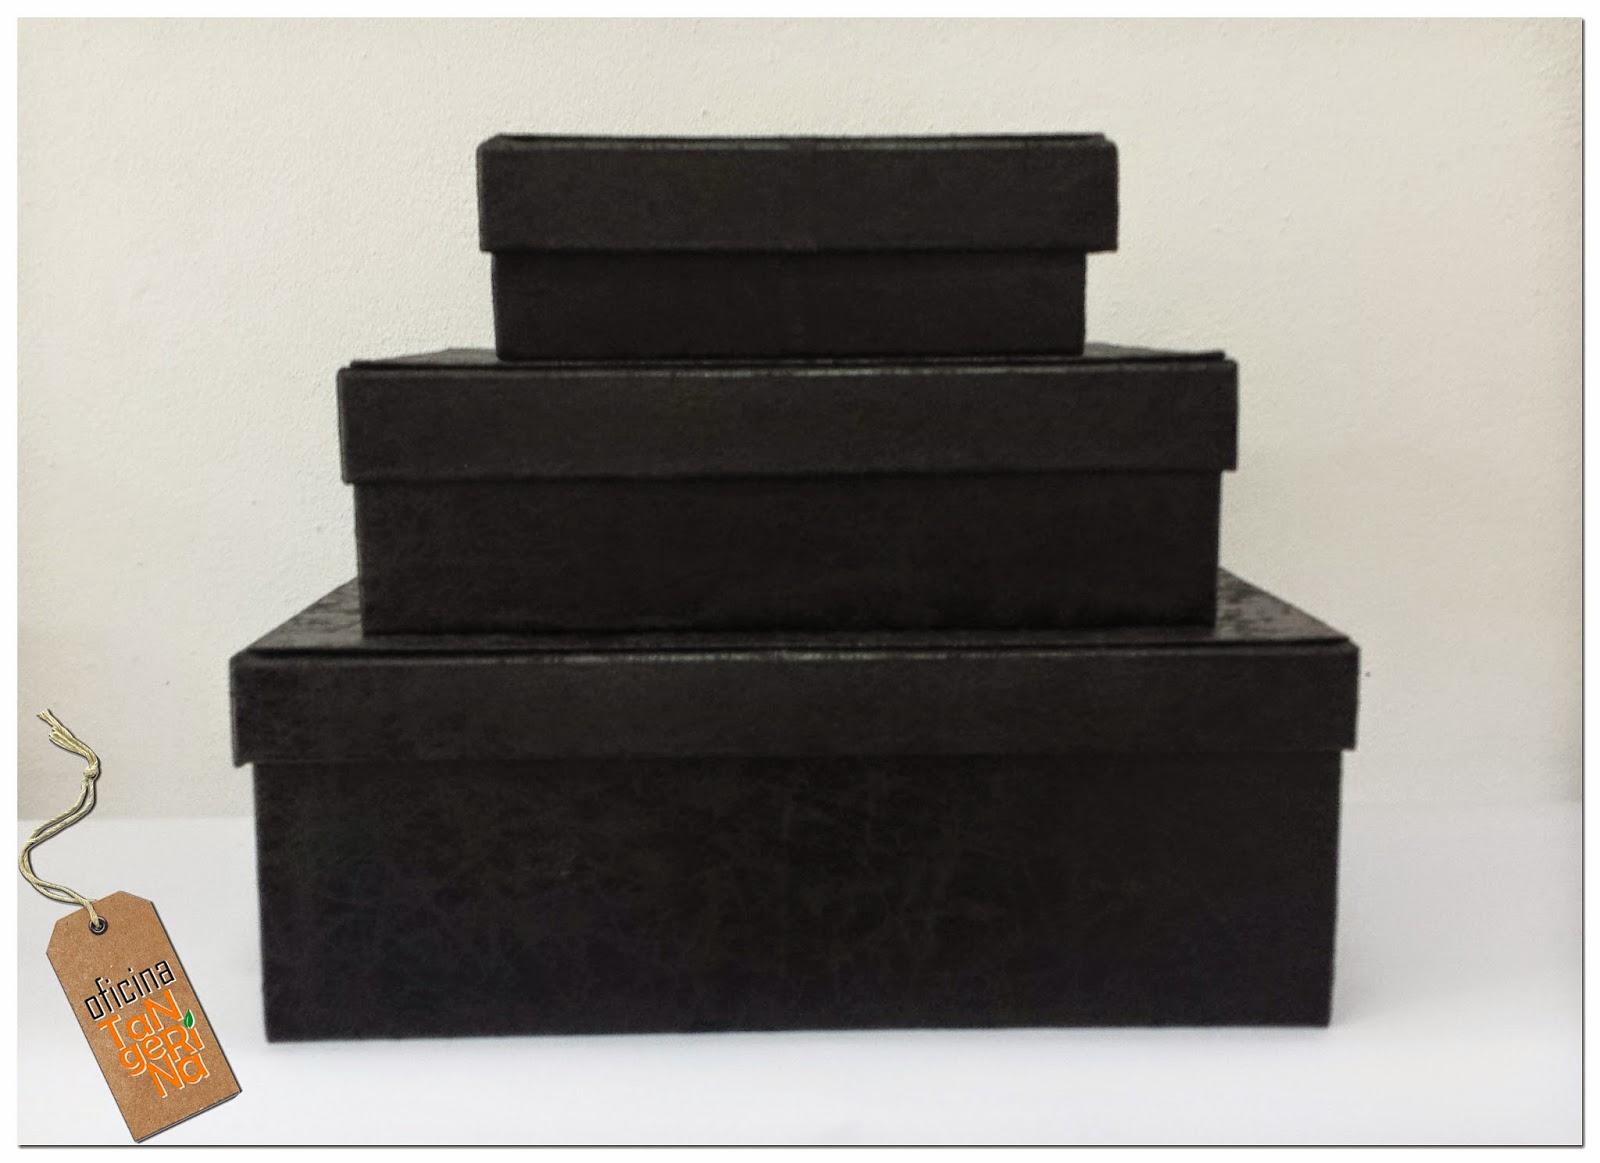 Oficina tangerina caixas caixas e caixas for Oficina de caixa